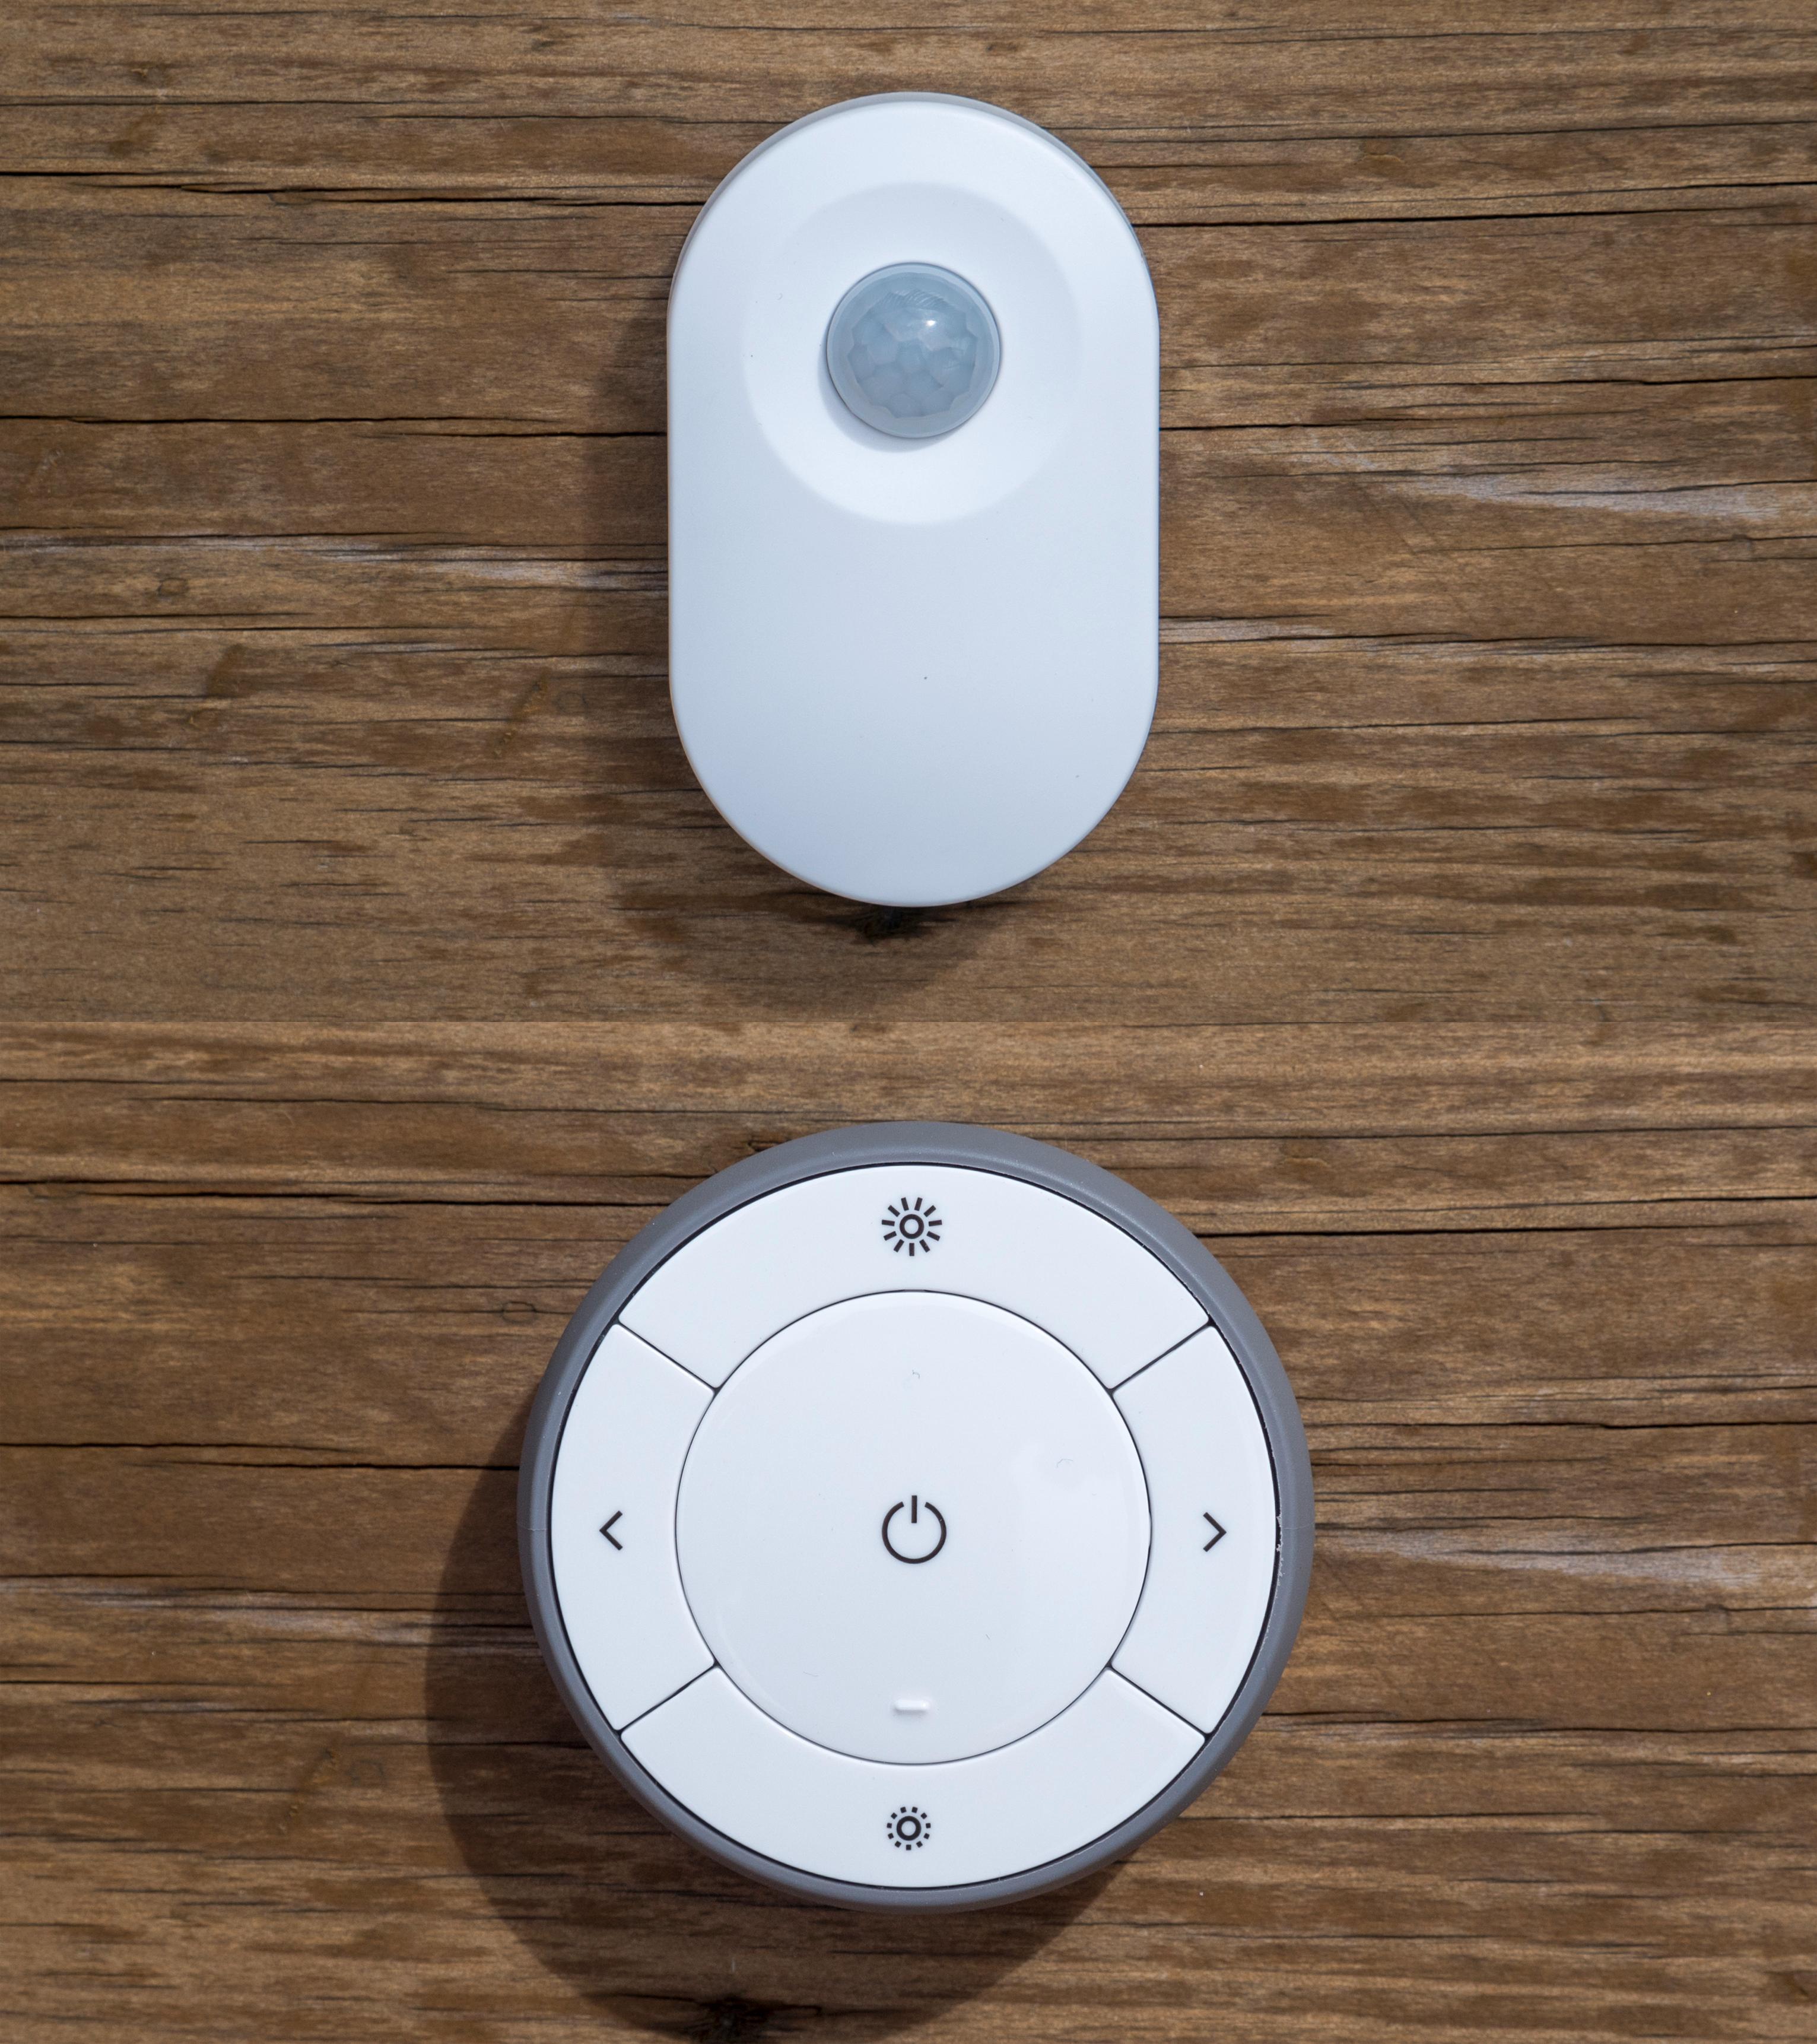 Hvorfor lar ikke systemet oss bruke både fjernkontrollen og bevegelsessensoren samtidig?